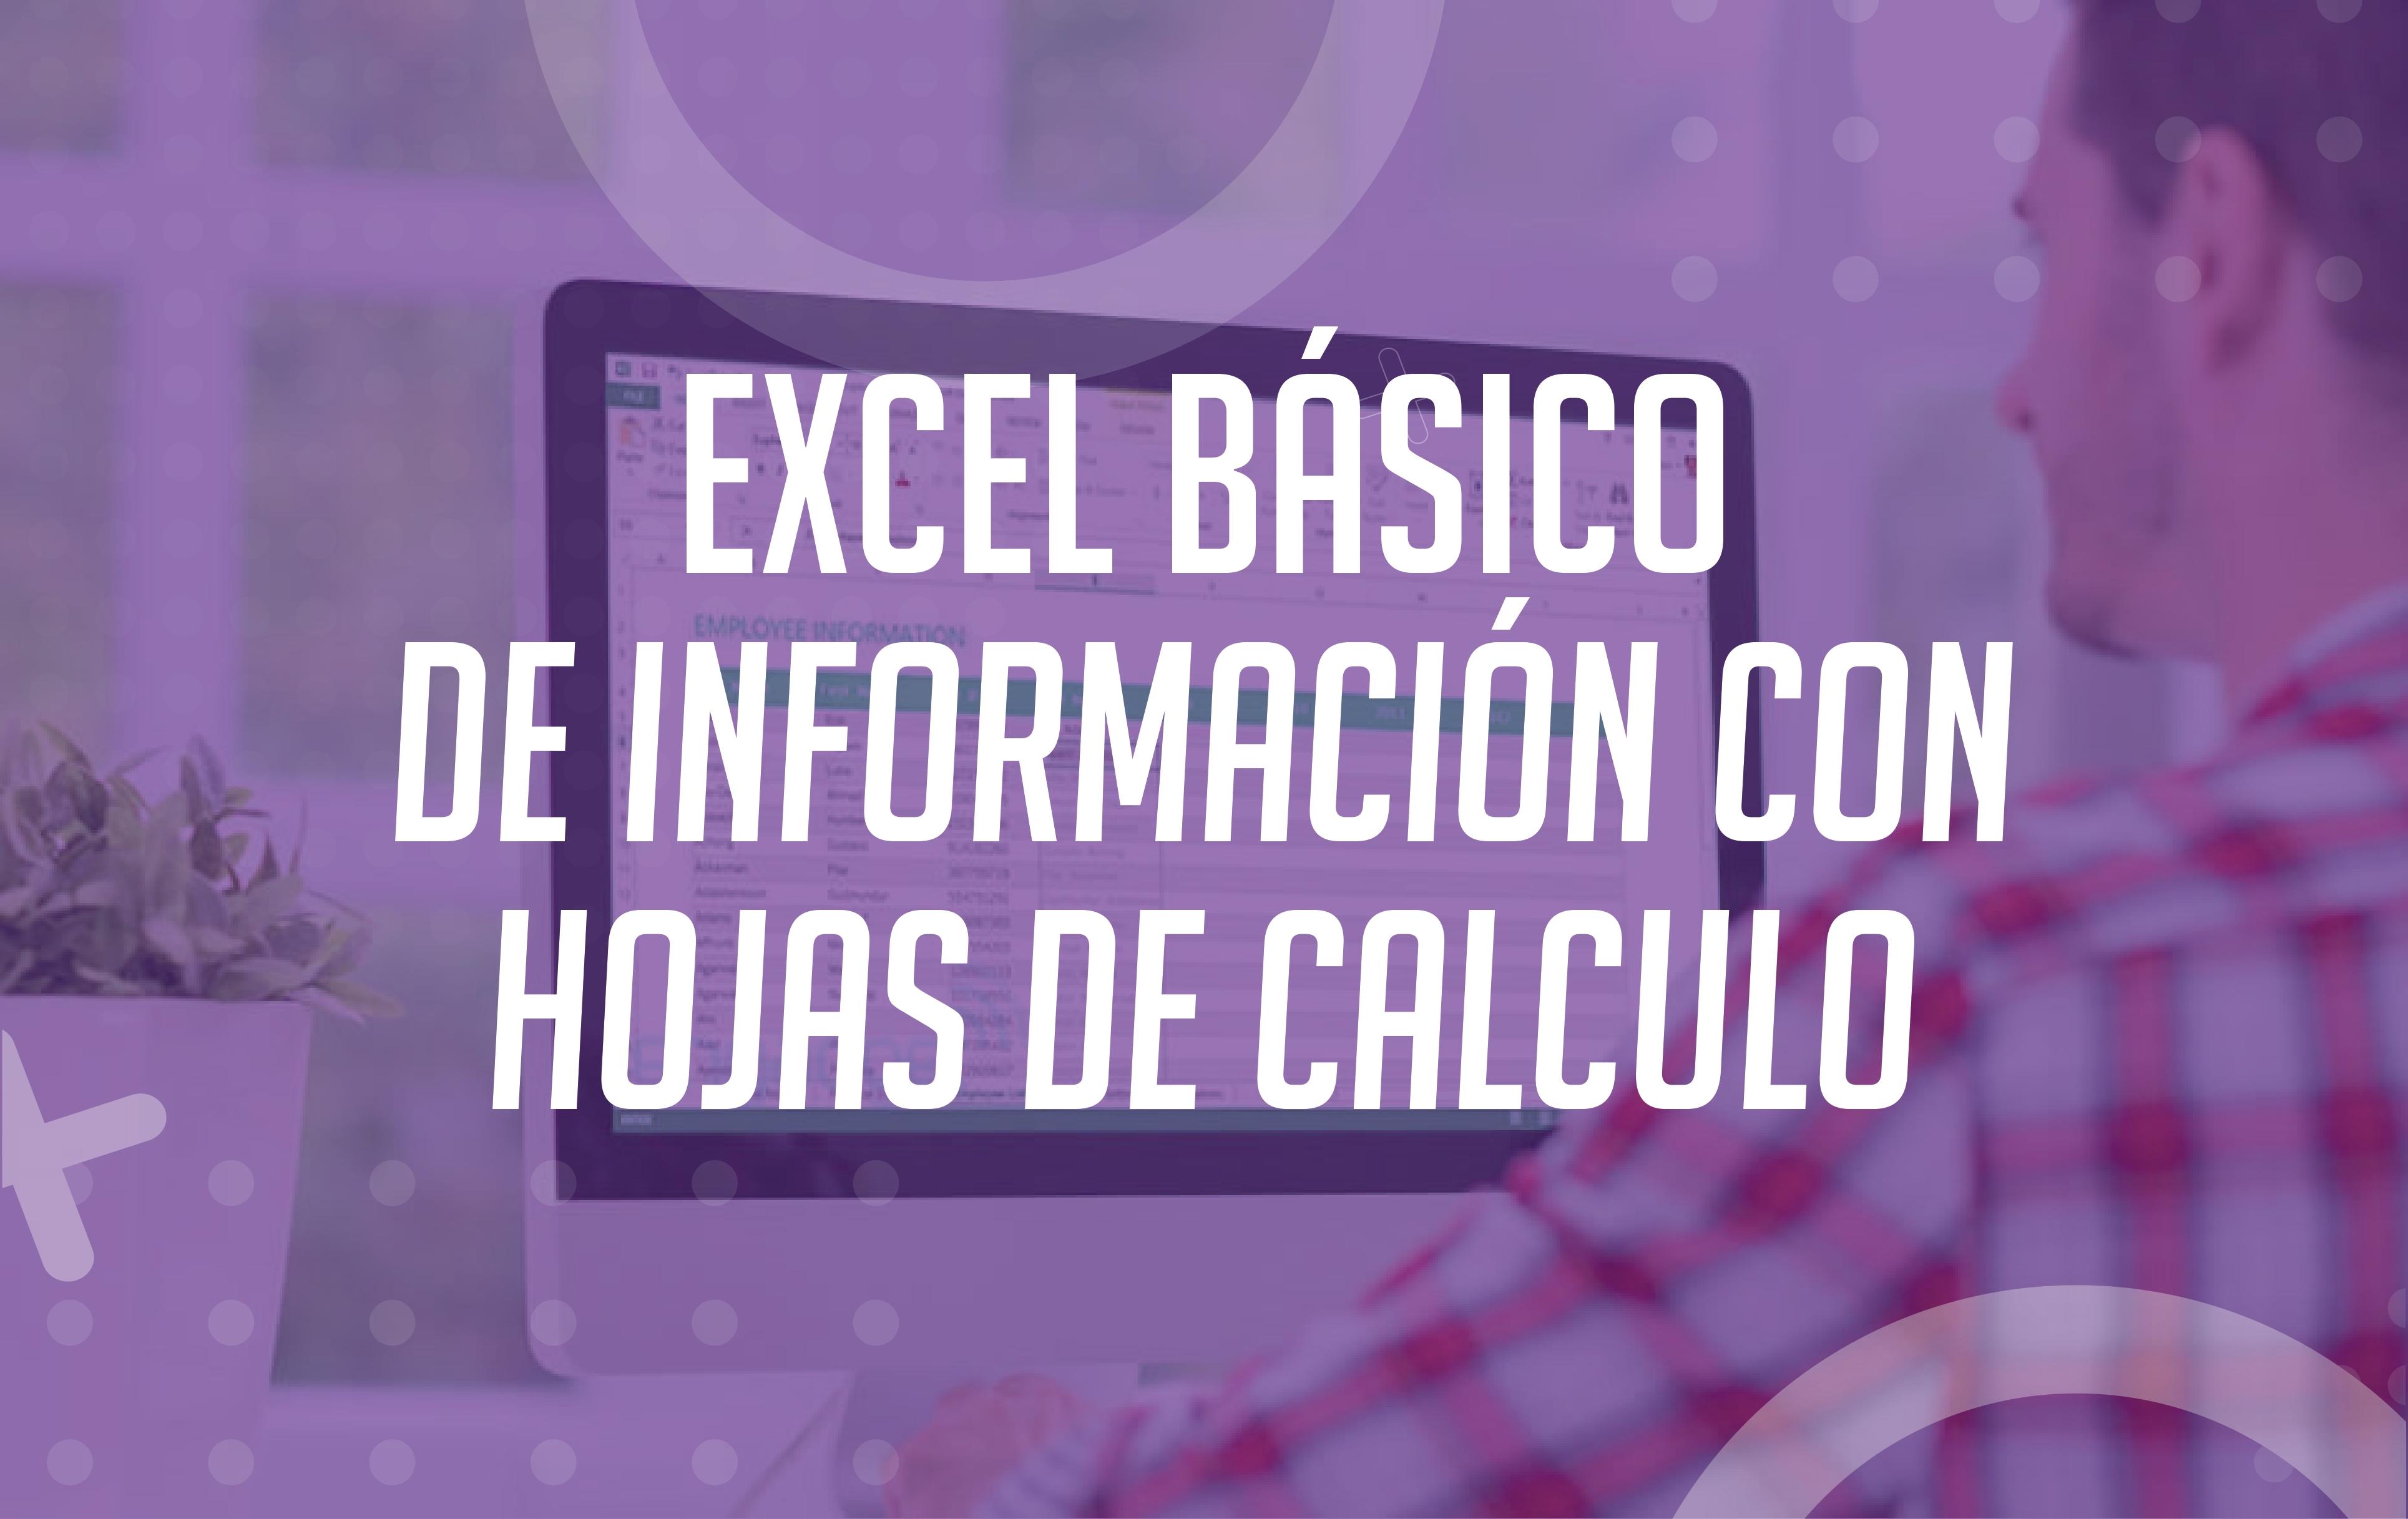 EXCEL BASICO - PROCESAMIENTO BASICO DE INFORMACION CON HOJAS DE CALCULO